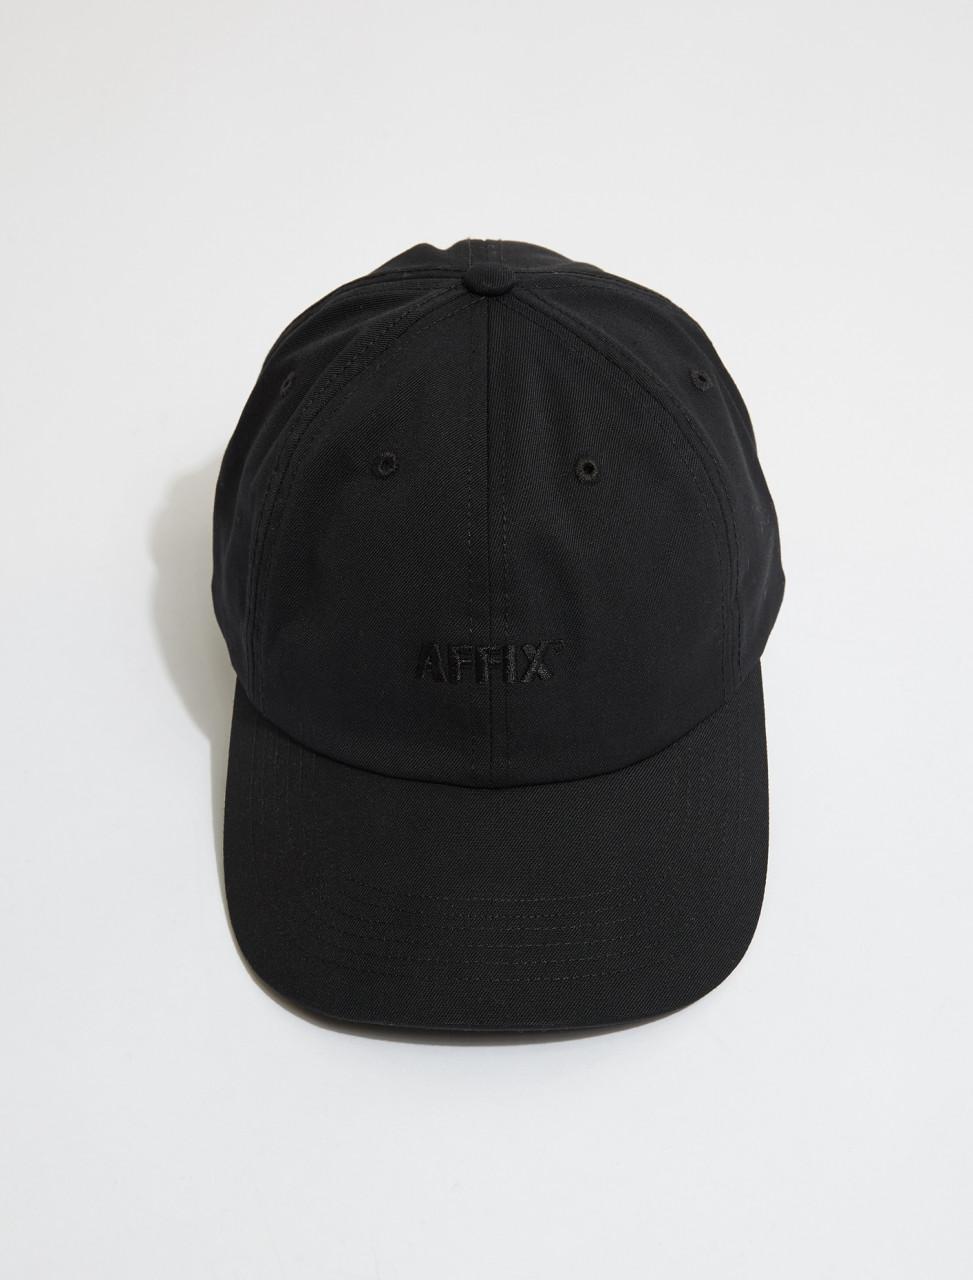 SS21AC11-Black AFFIX STANDARD LOGO CAP IN BLACK